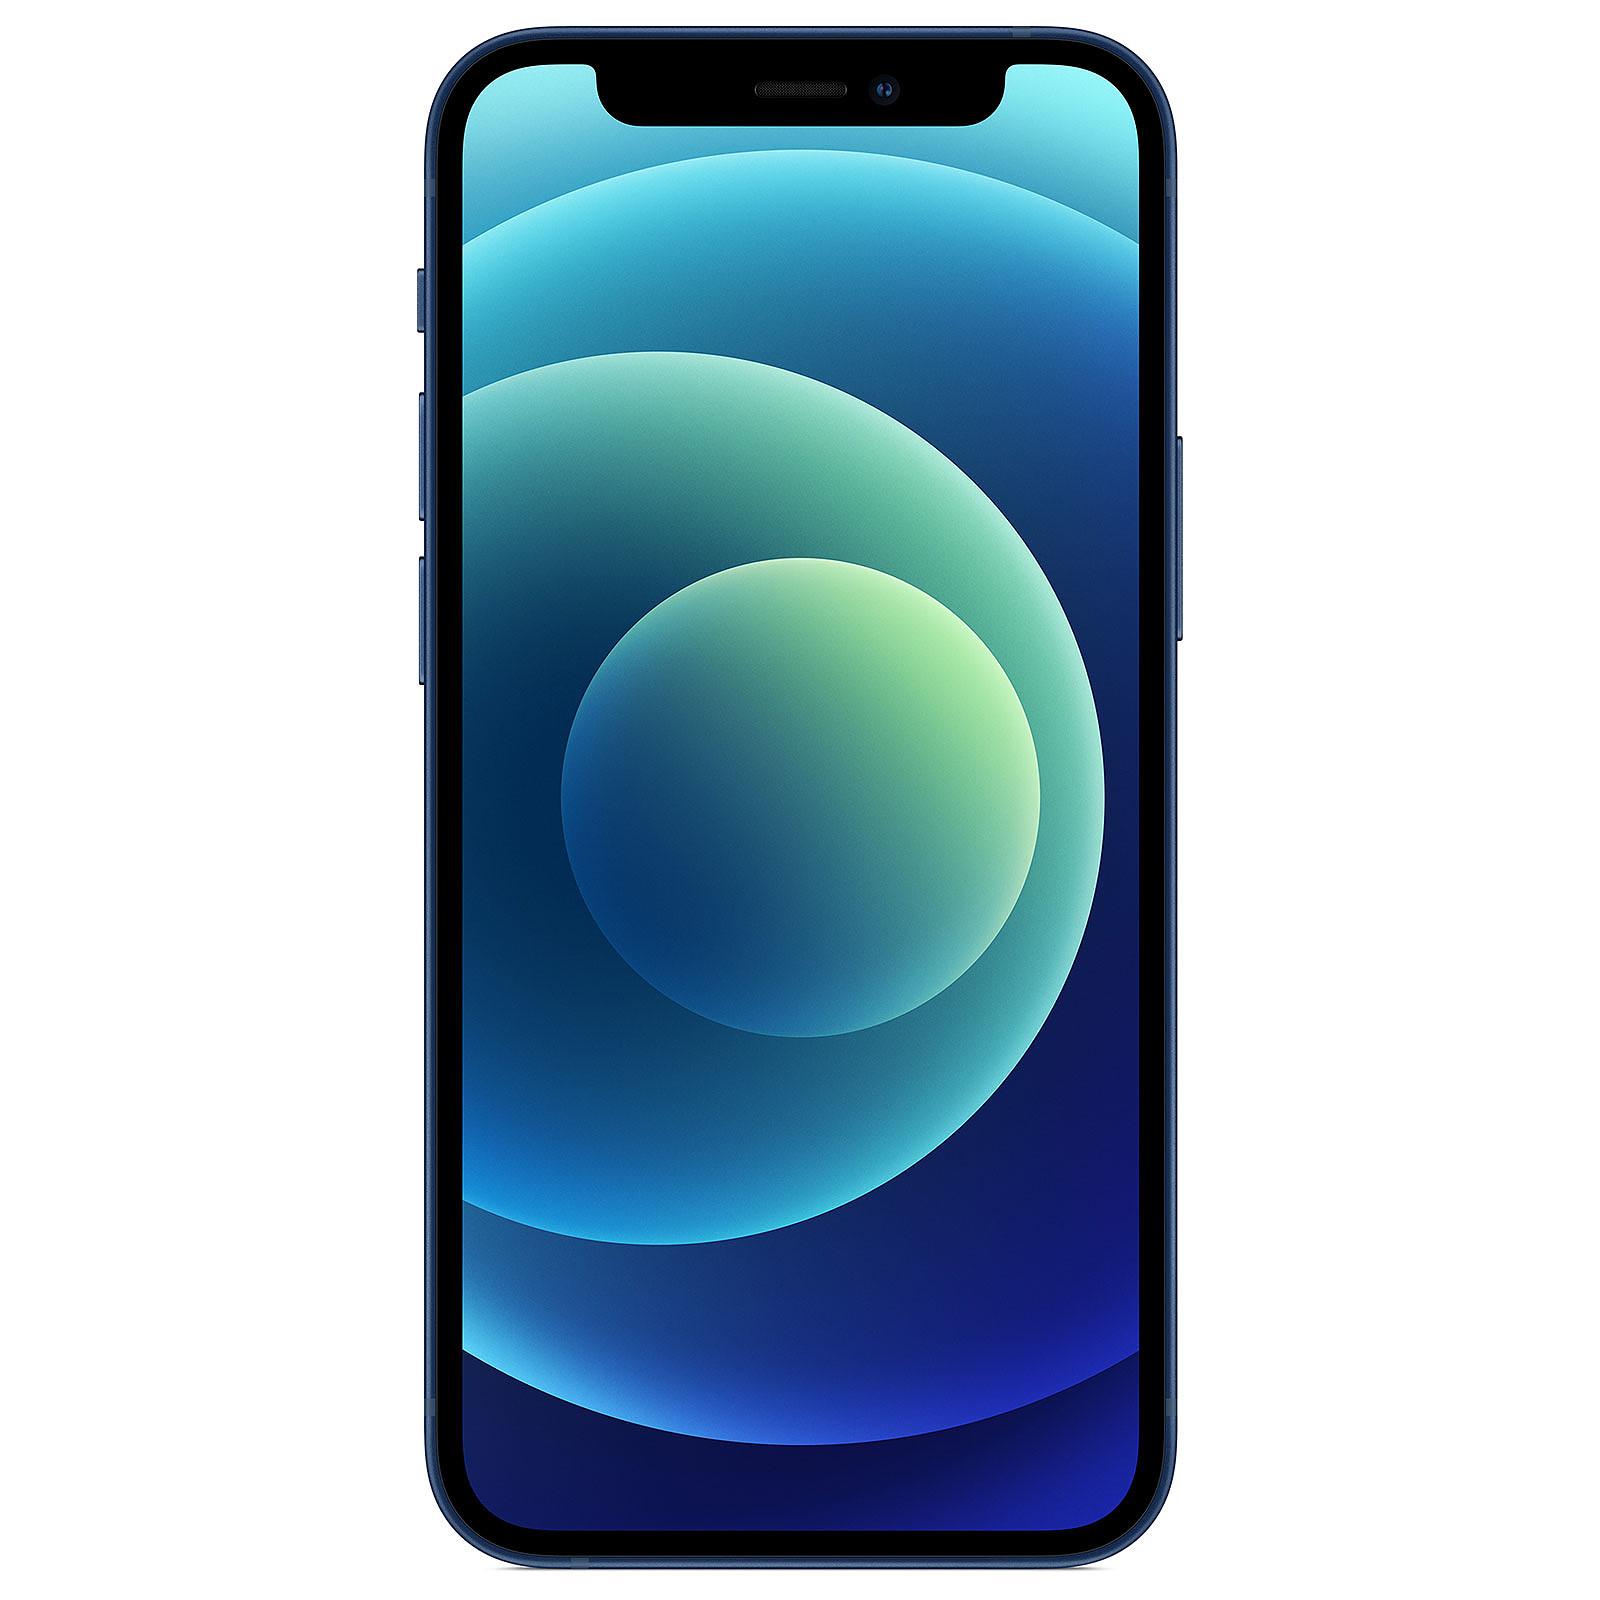 """Smartphone 5.4"""" Apple iPhone 12 Mini - 128 Go, Bleu, sans chargeur & écouteurs (+37.40 en RP)"""